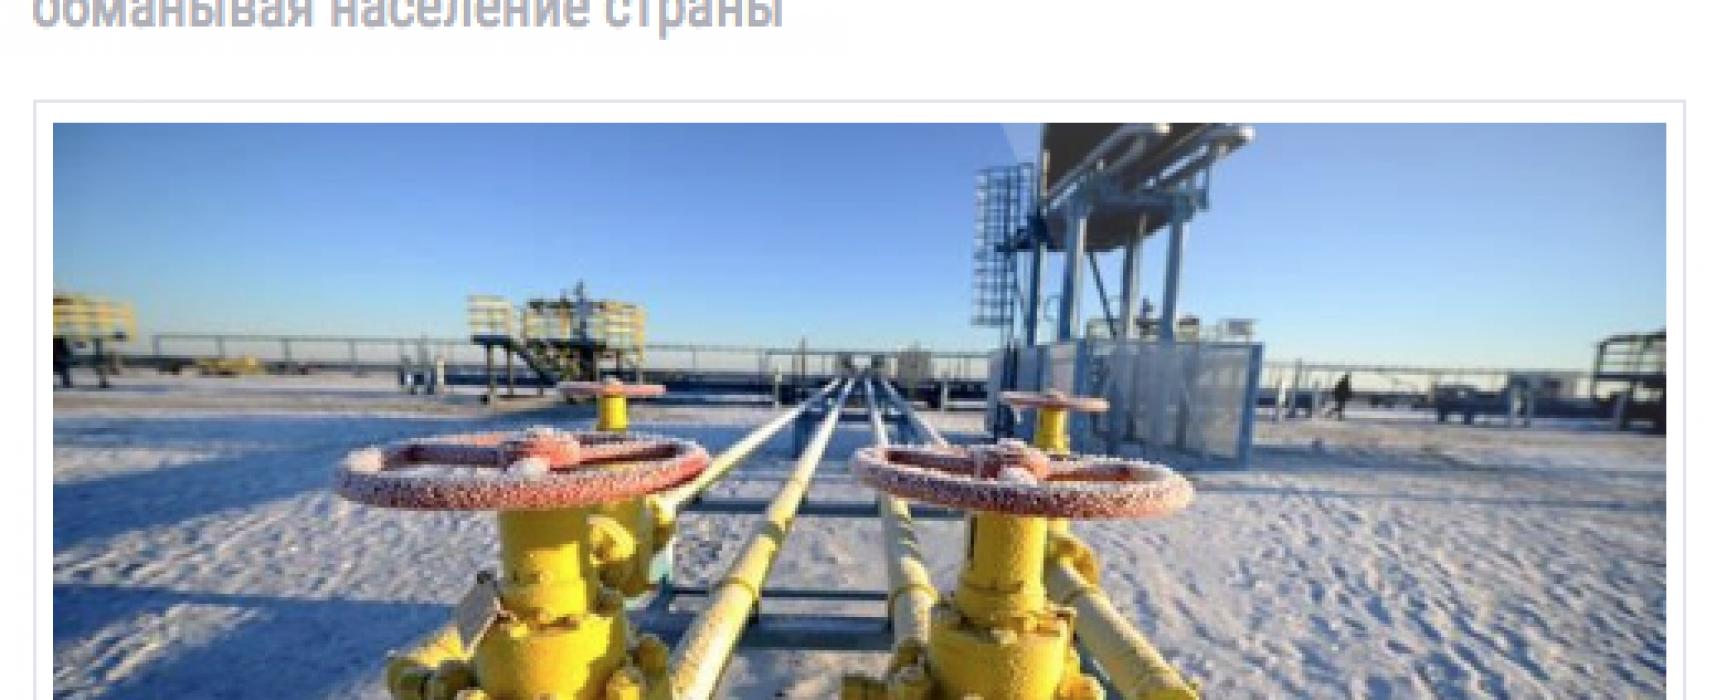 Фейк: Украина признала, что импорт газа из России  выгоден